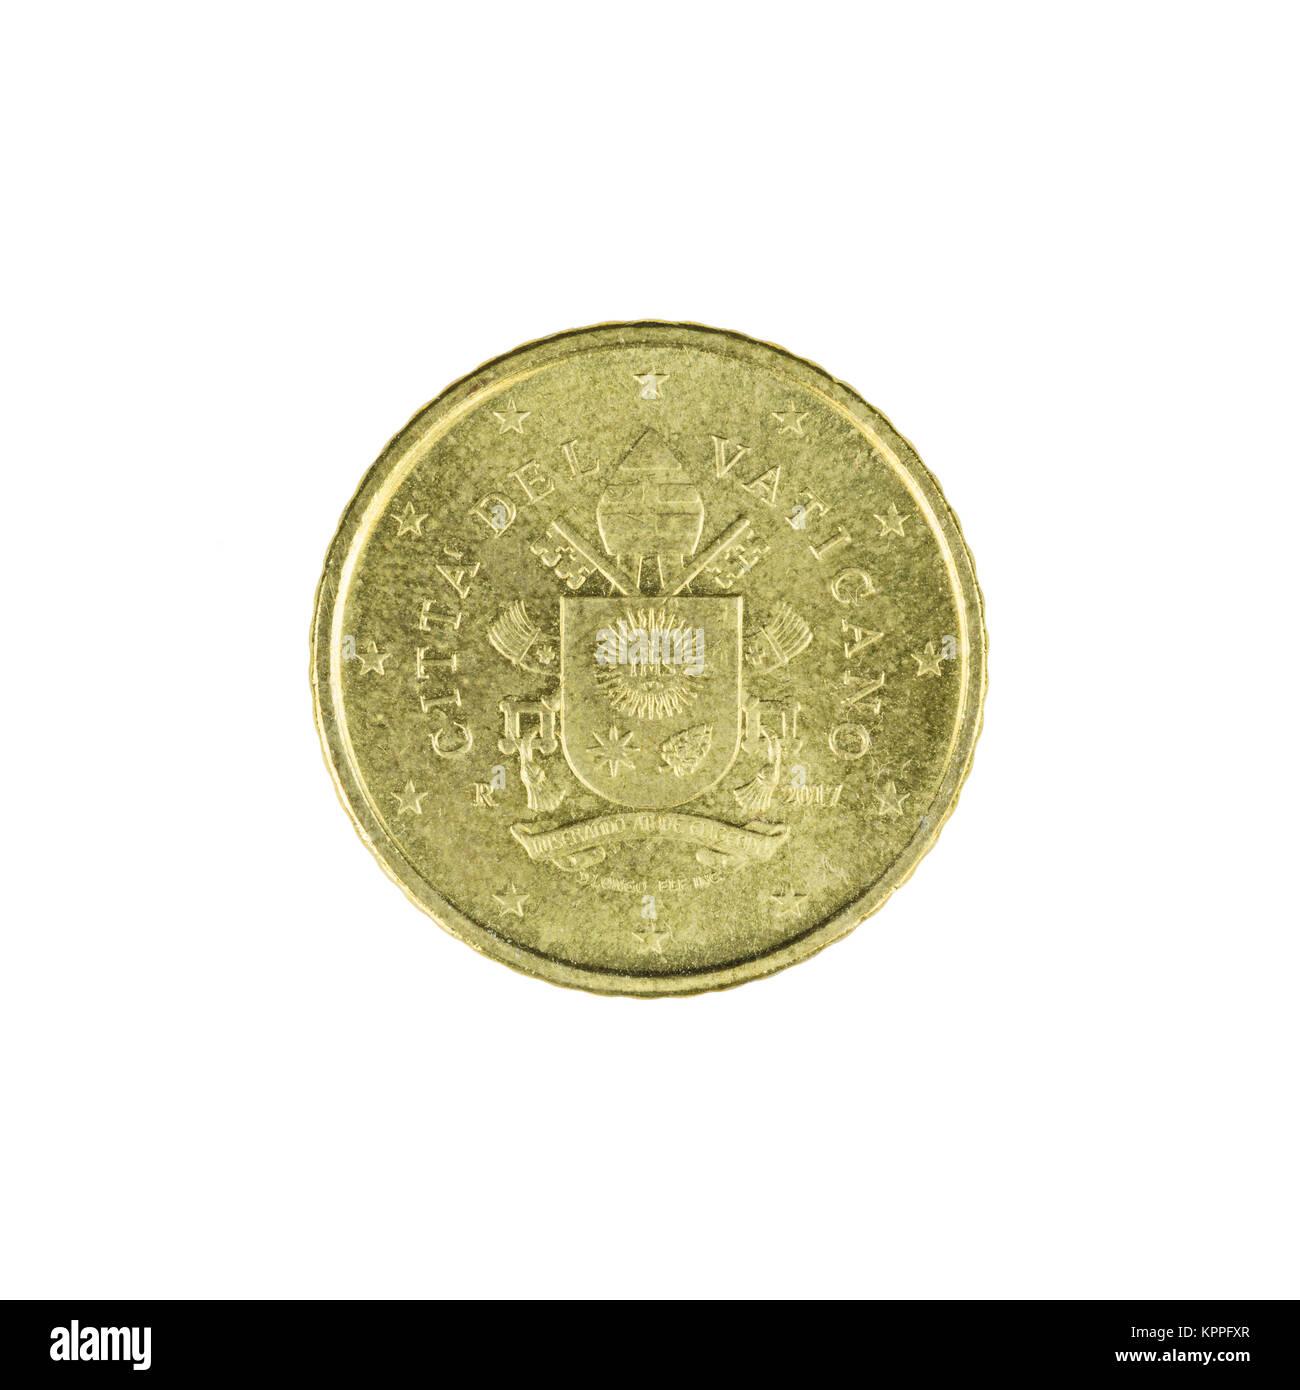 Fünfzig Euro Cent Münze Stockfotos Fünfzig Euro Cent Münze Bilder